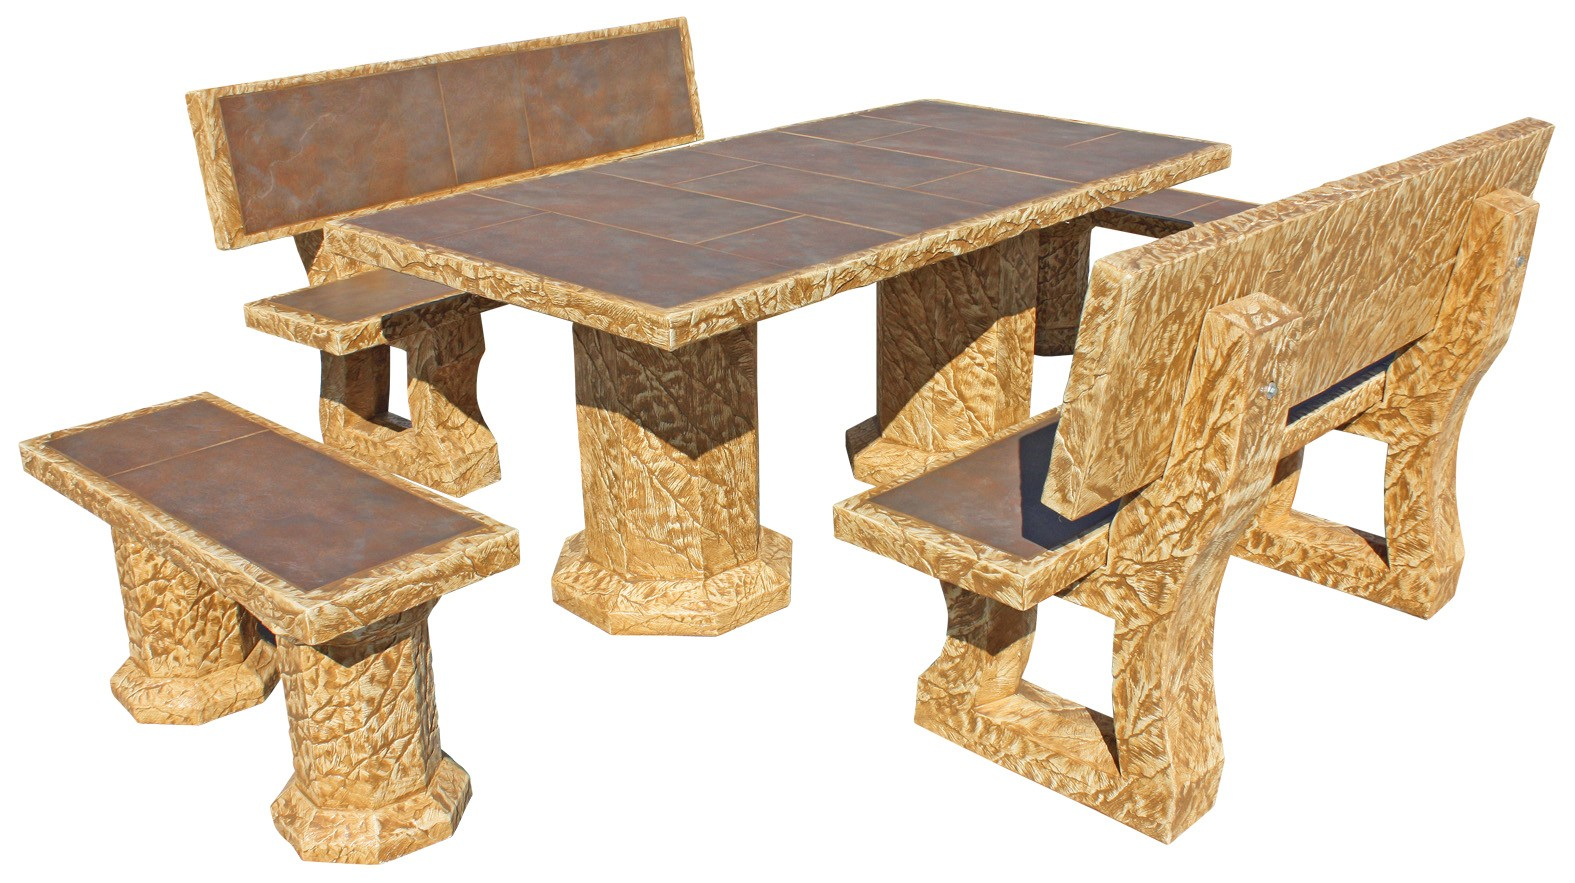 Mesa de jardin rectangular con azulejos ragazzo zinc - Mesas con azulejos ...